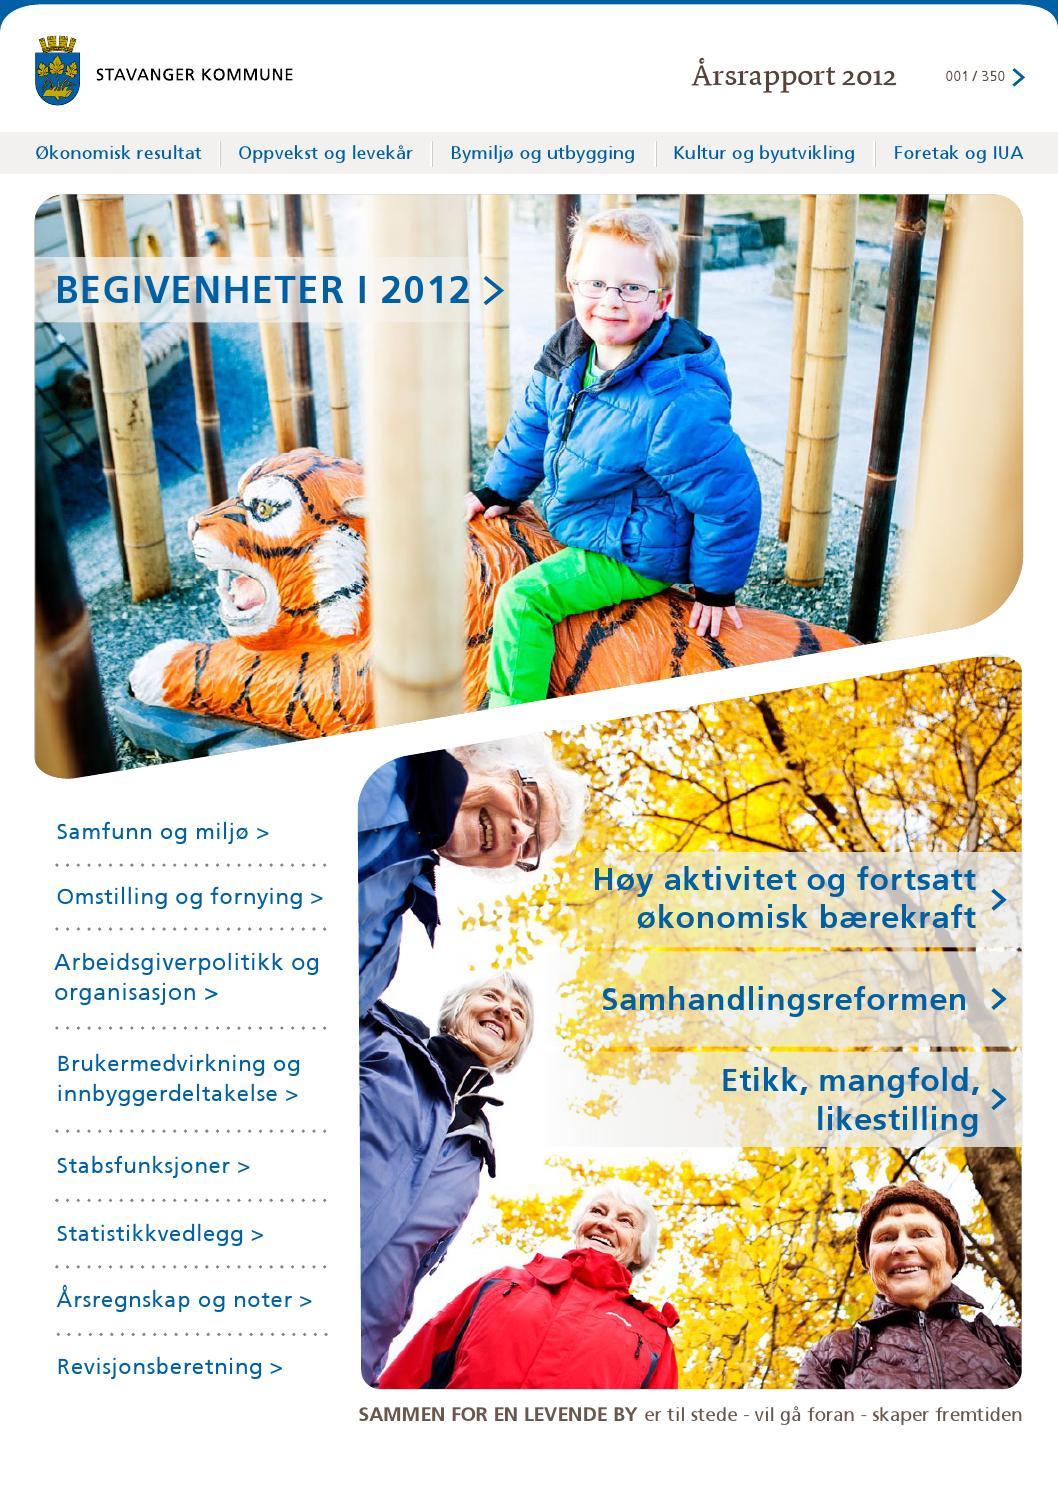 Arsrapport 2012 Stavanger Kommune Og Kommunale Foretak By Stavanger Kommune Issuu